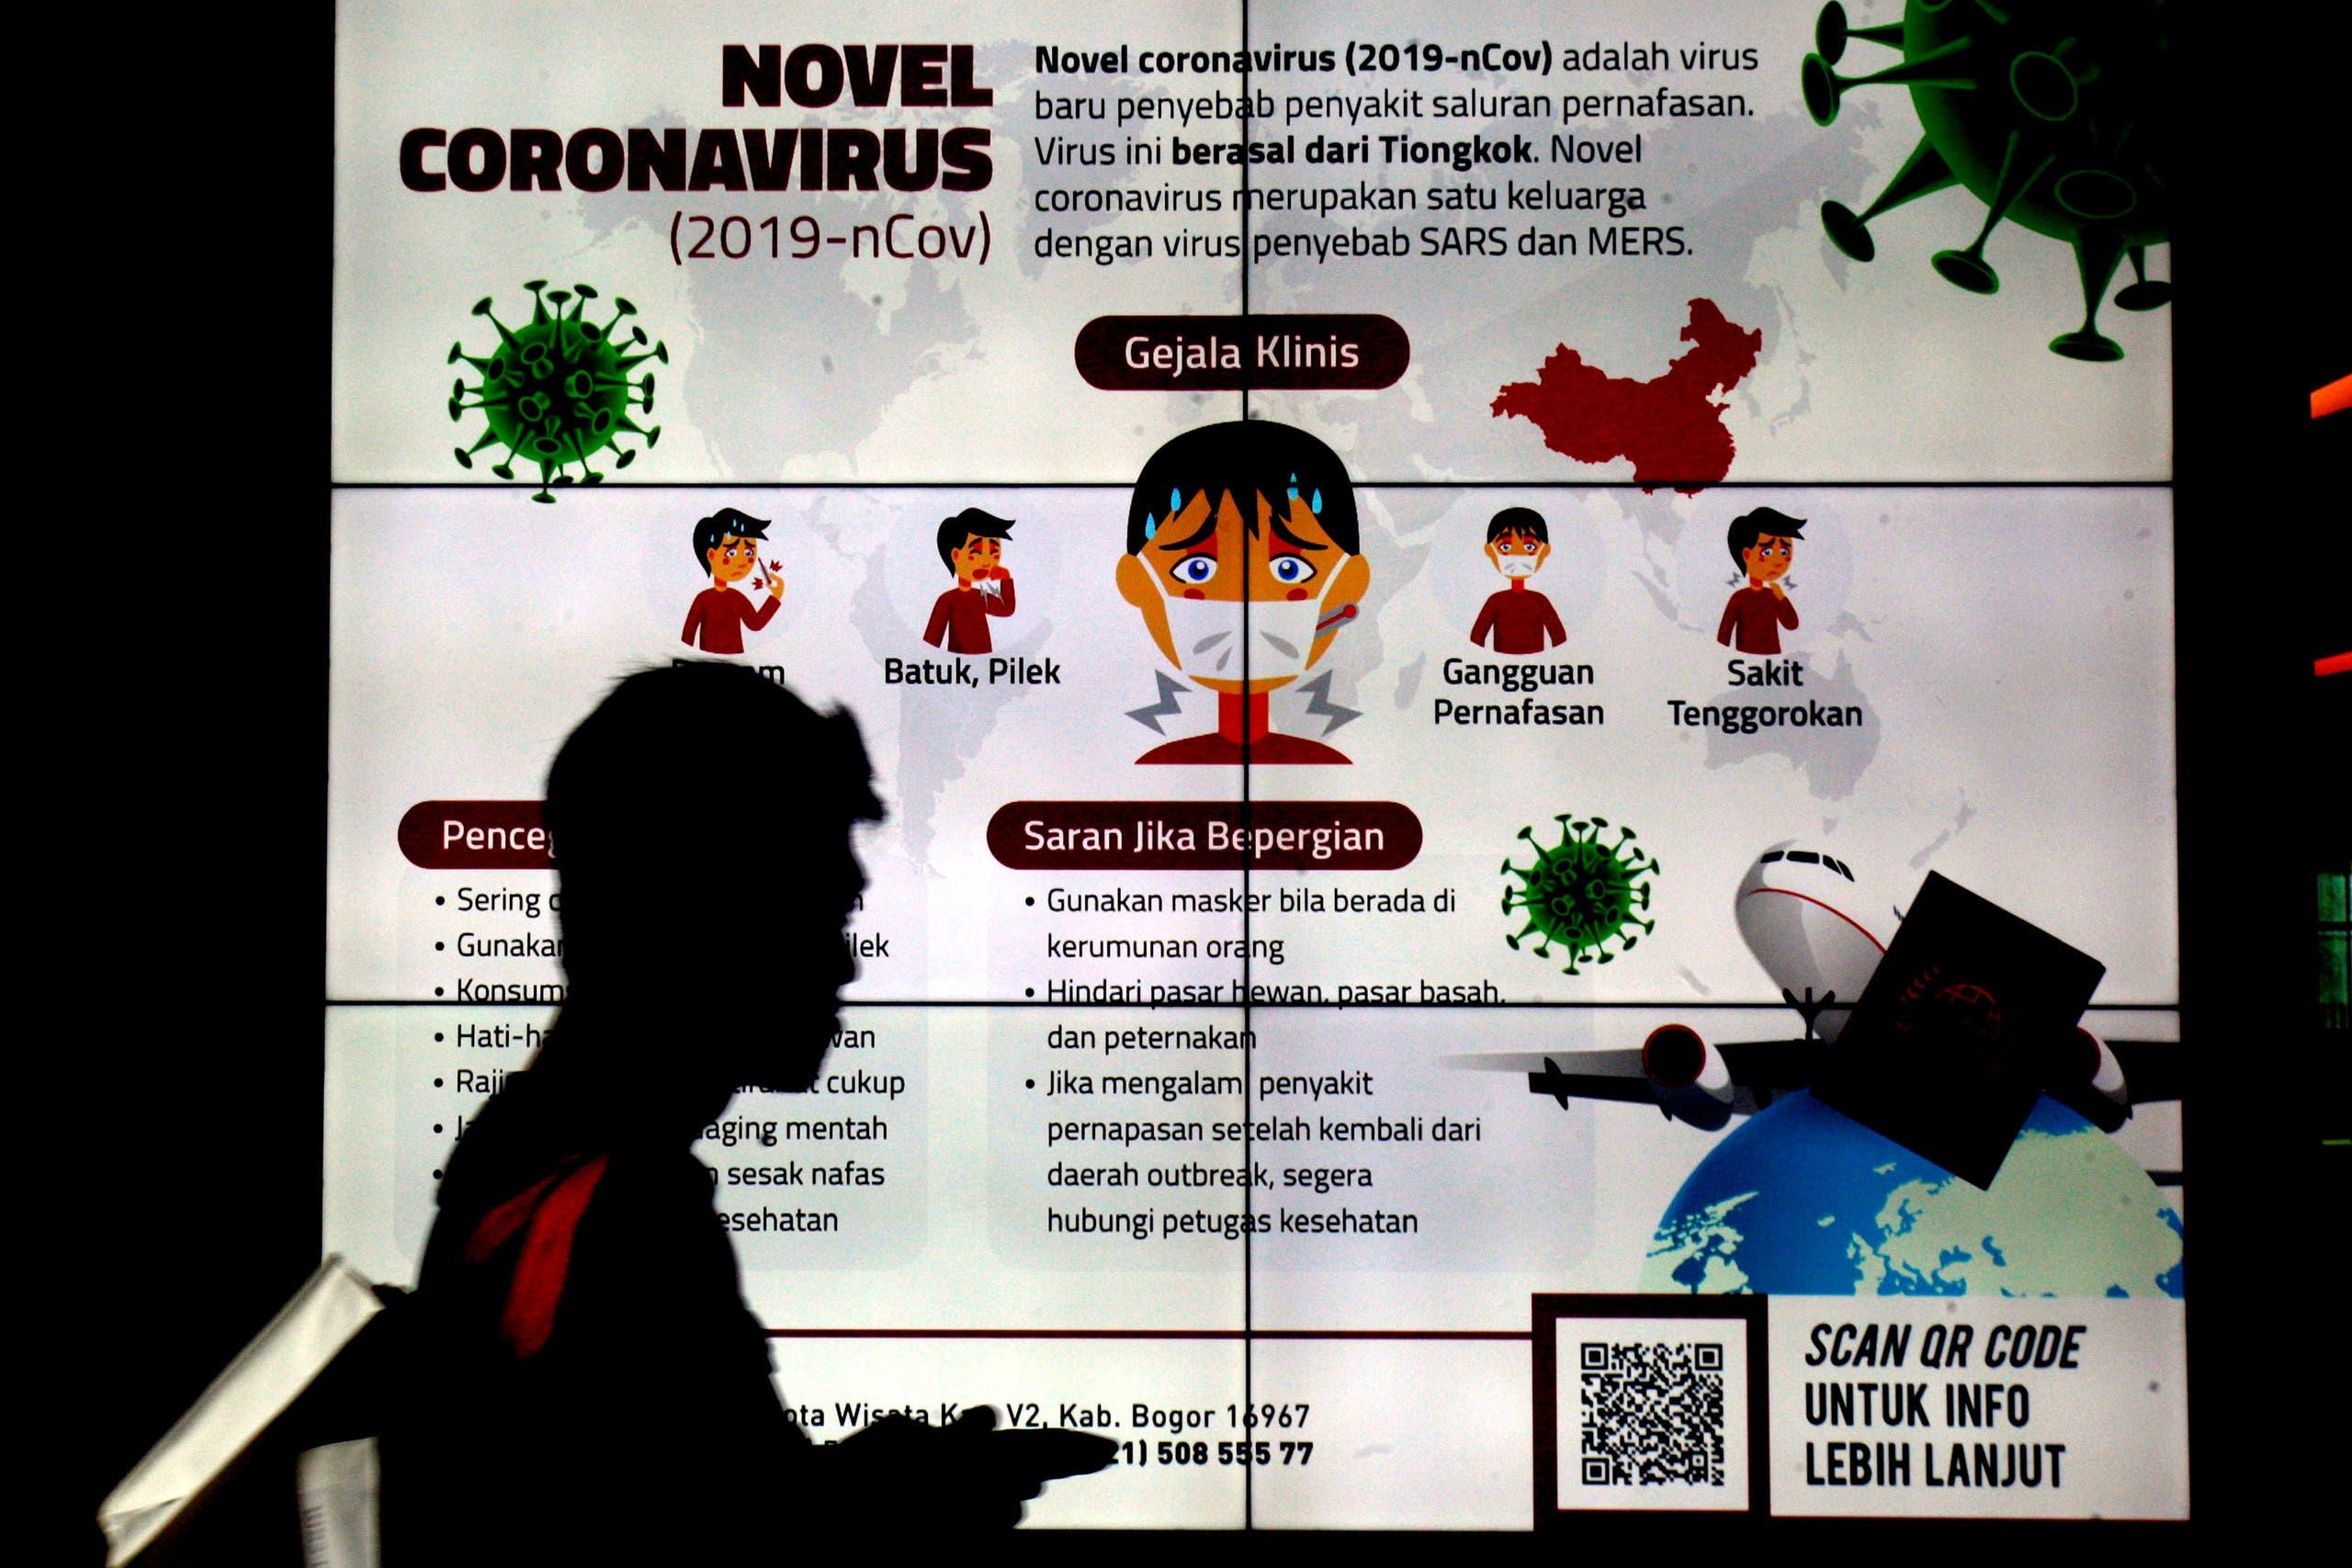 لوحة إرشادية حول الفيروس